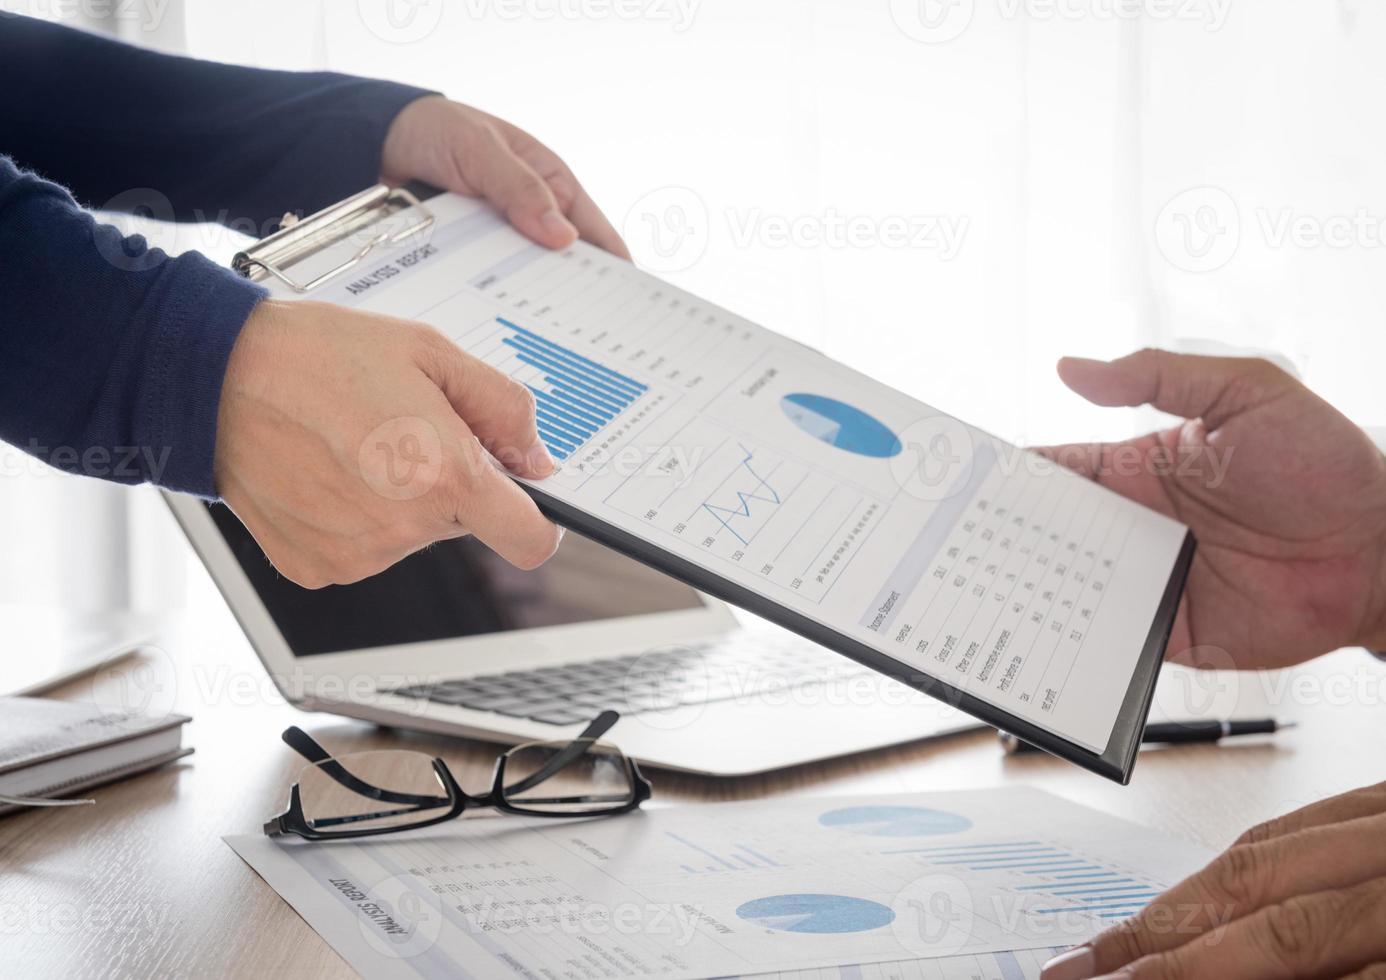 affaires et financier photo